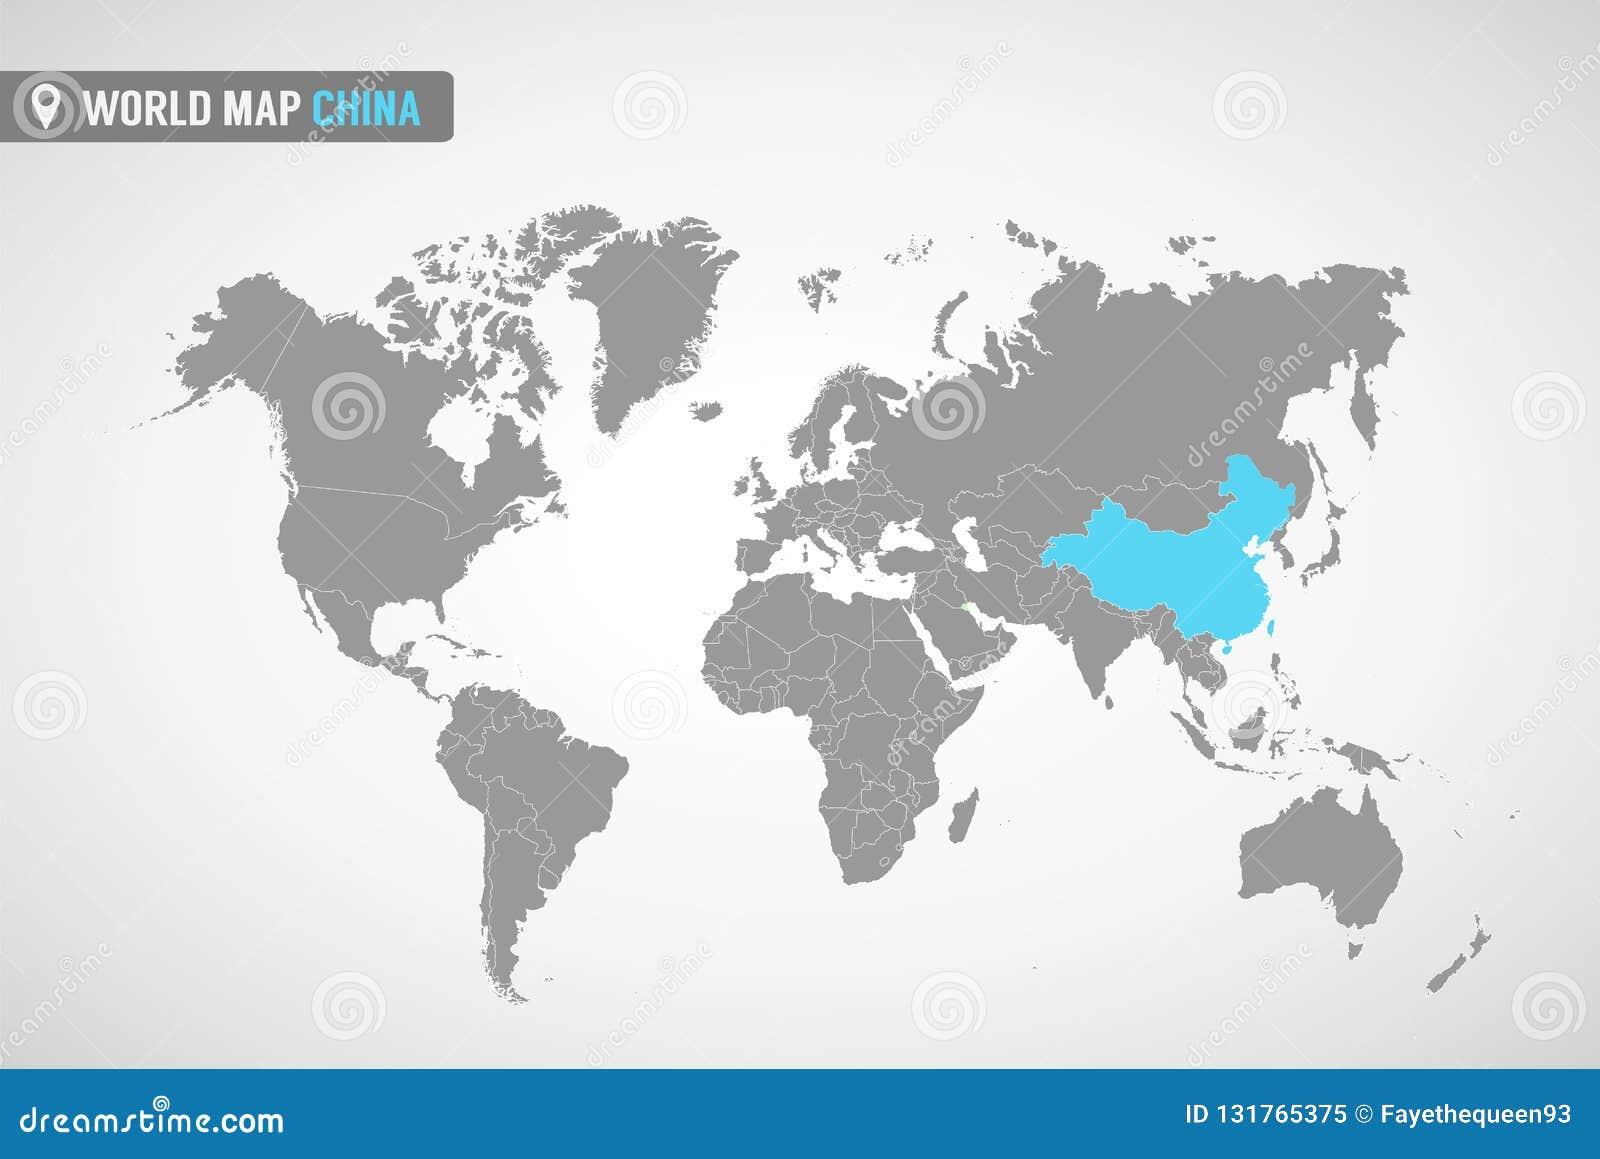 Stumme Karte Asien Lander Hauptstadte.Asien Lander Karte